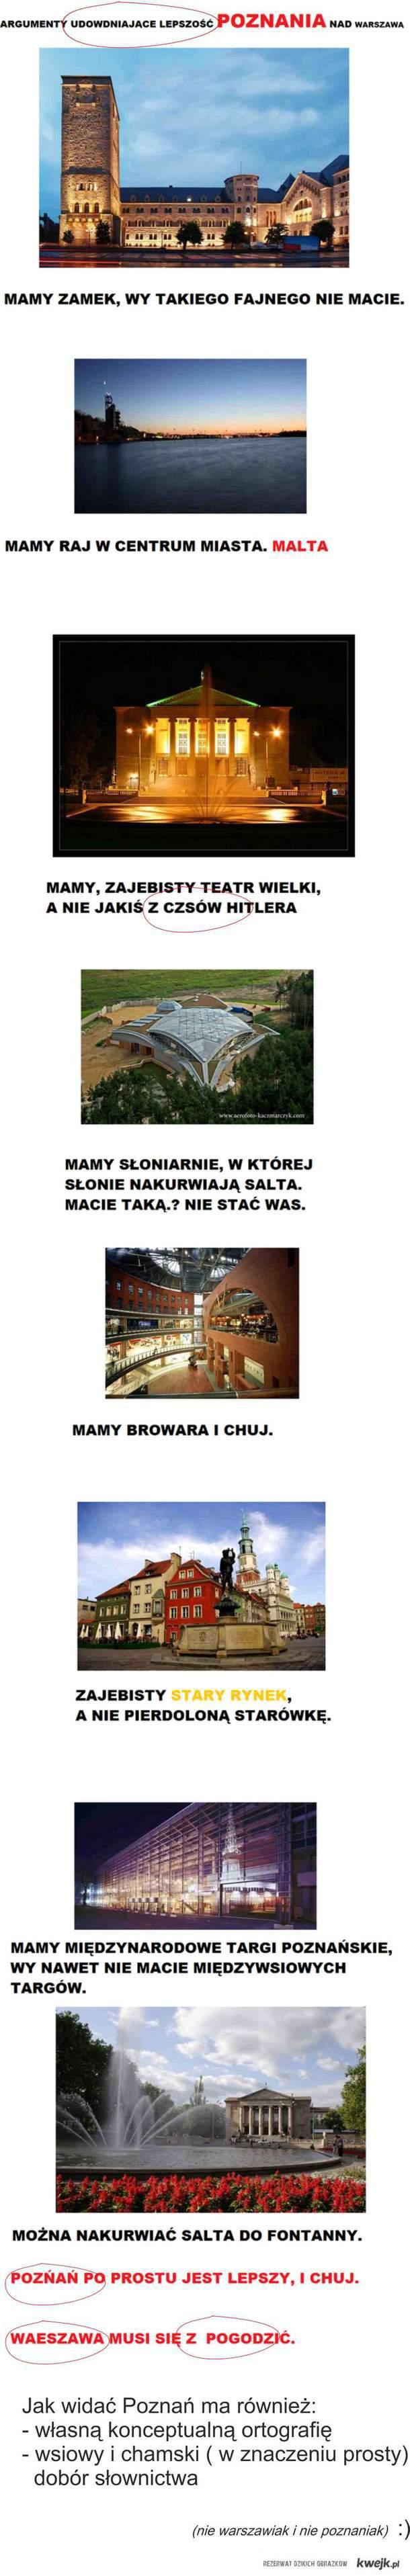 Poznań vs. Warszawa- Konkluzja